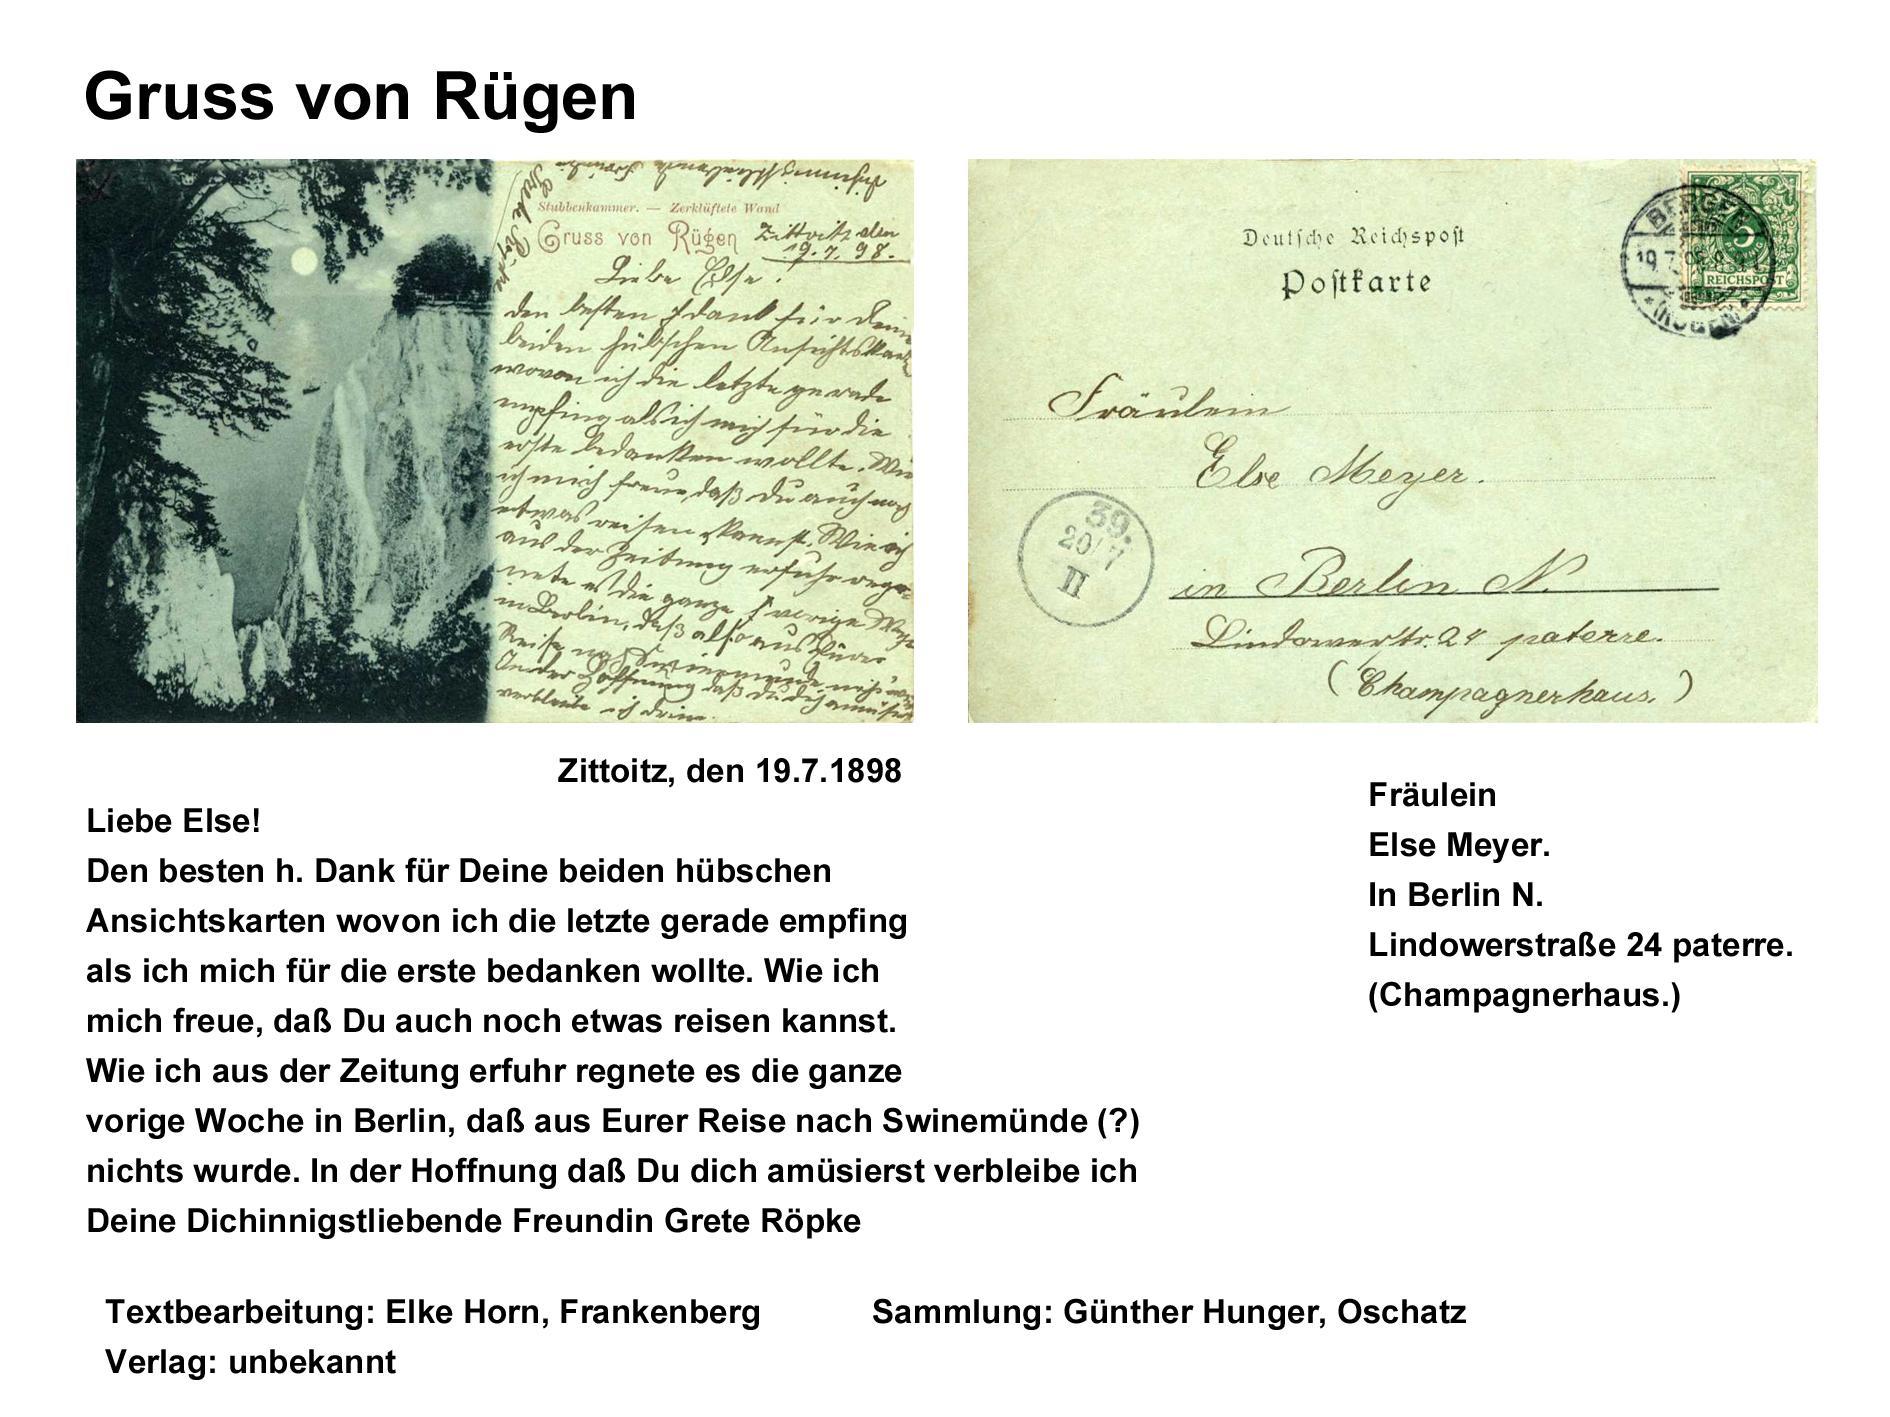 Gruss von Rügen 1898